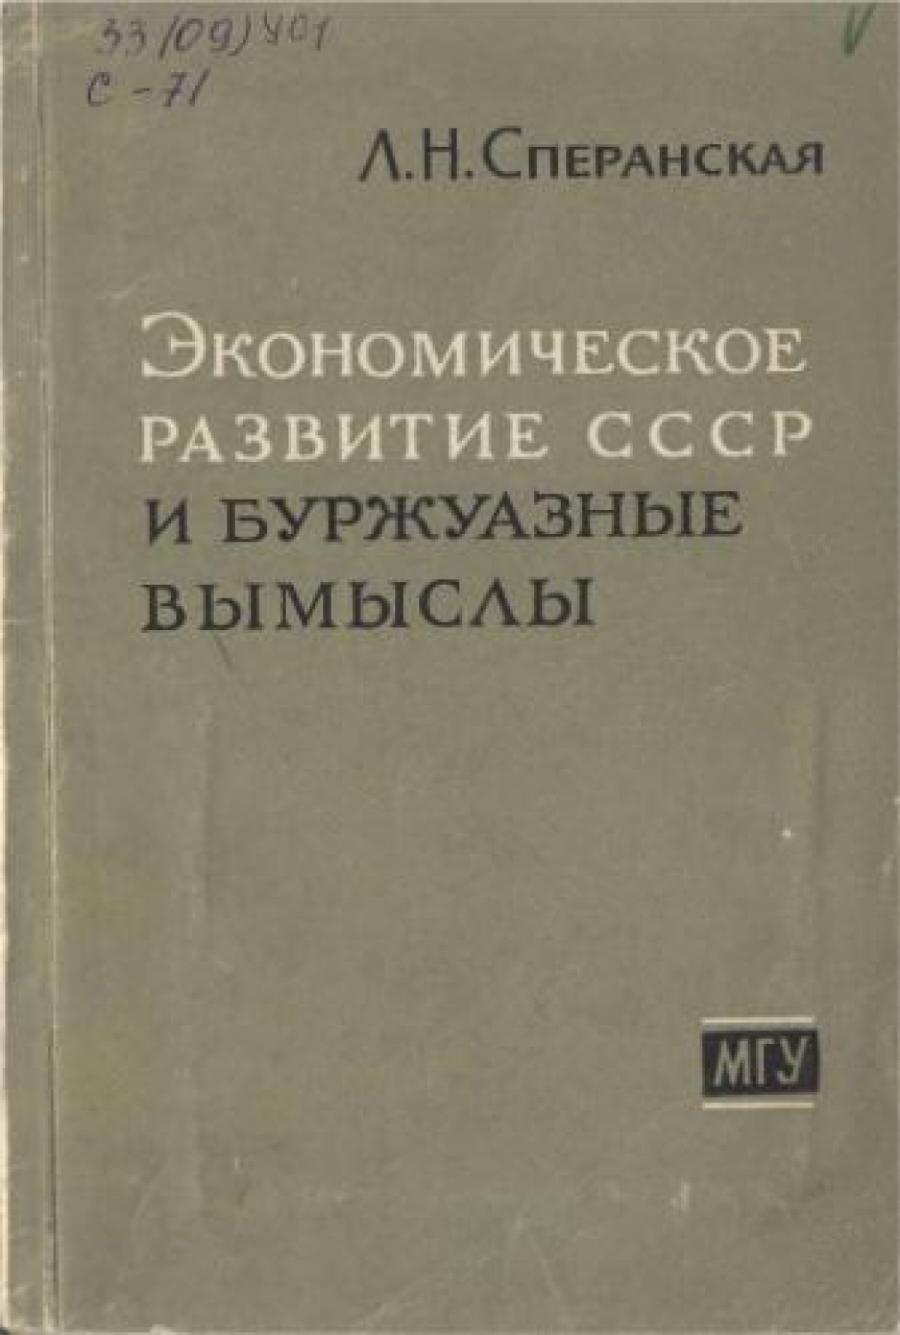 Обложка книги:  сперанская л.н. - экономическое развитие ссср и буржуазные вымыслы